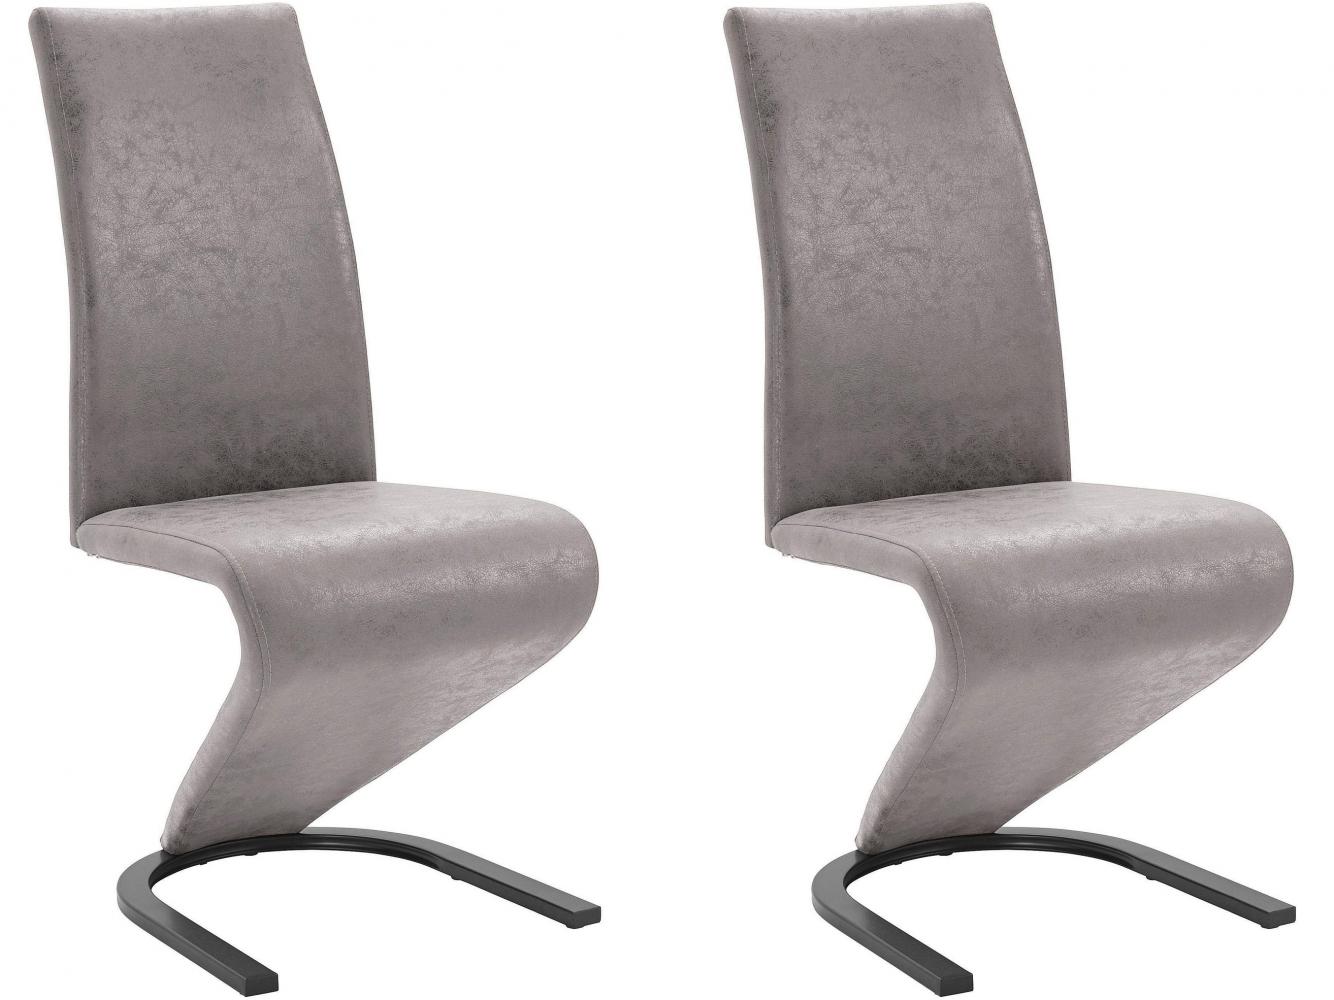 Jídelní židle Zapi (SET 2 ks), světle šedá